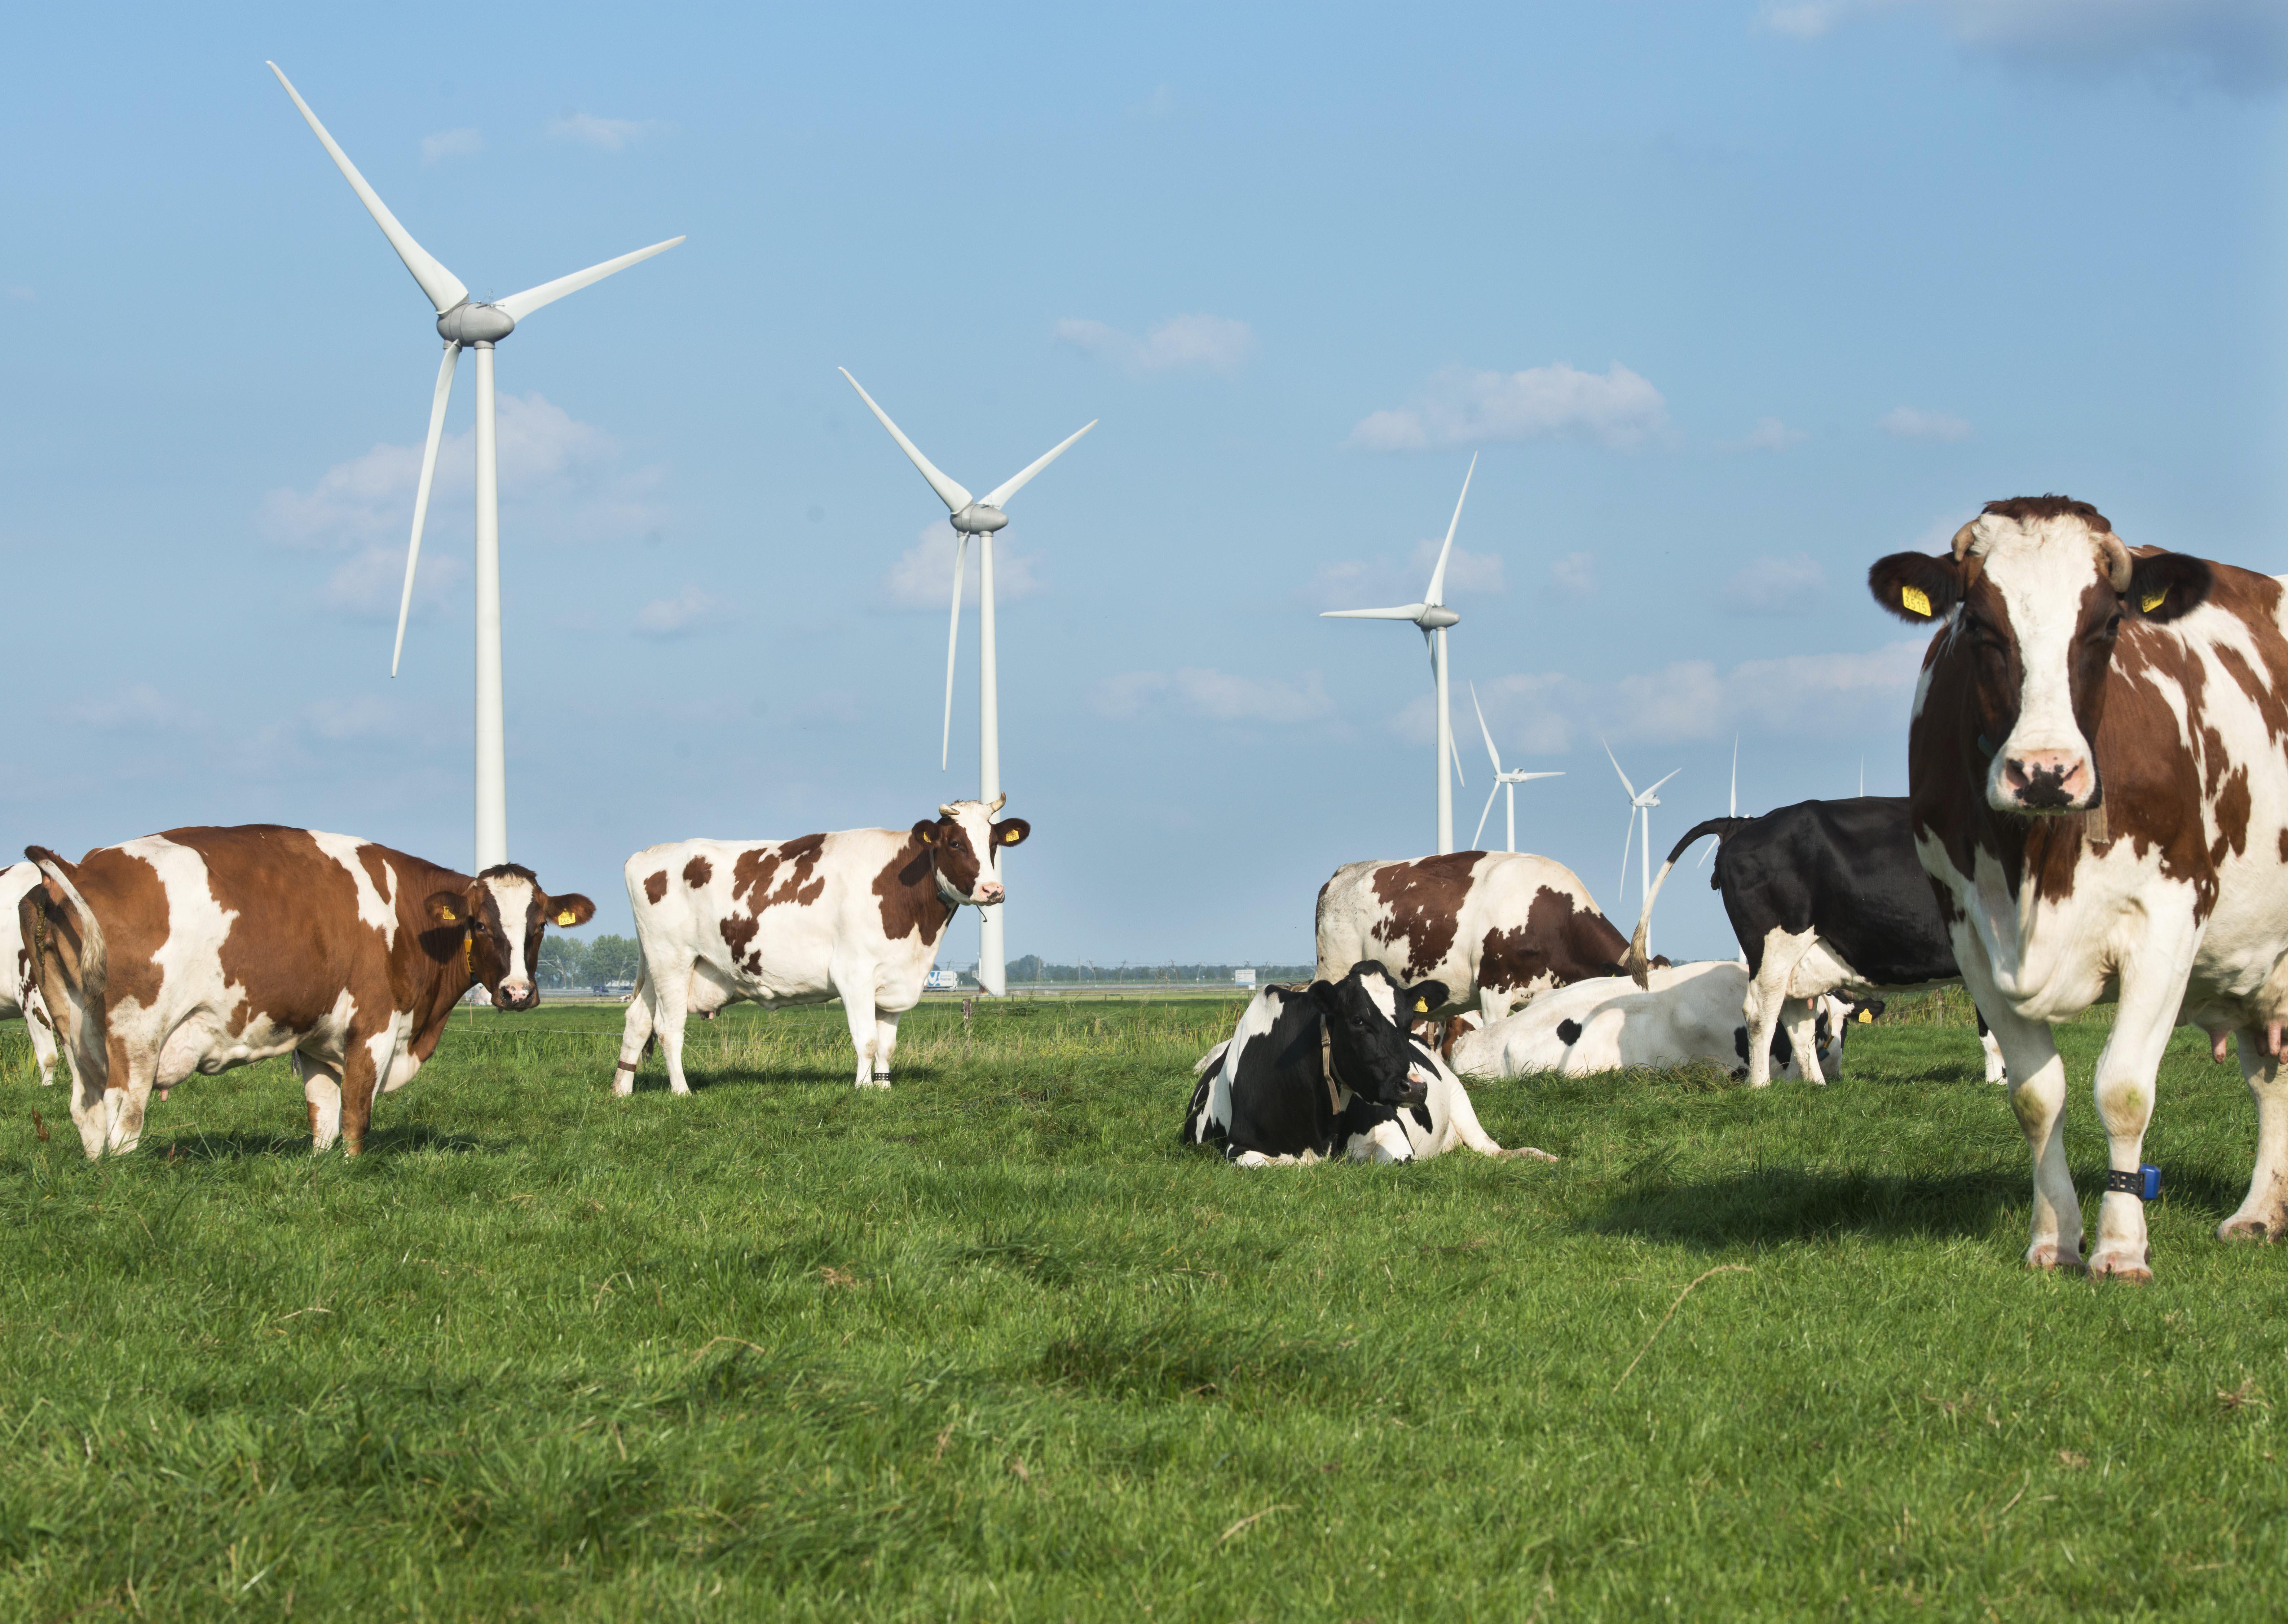 Zuivel neemt verantwoordelijkheid voor klimaatopgave